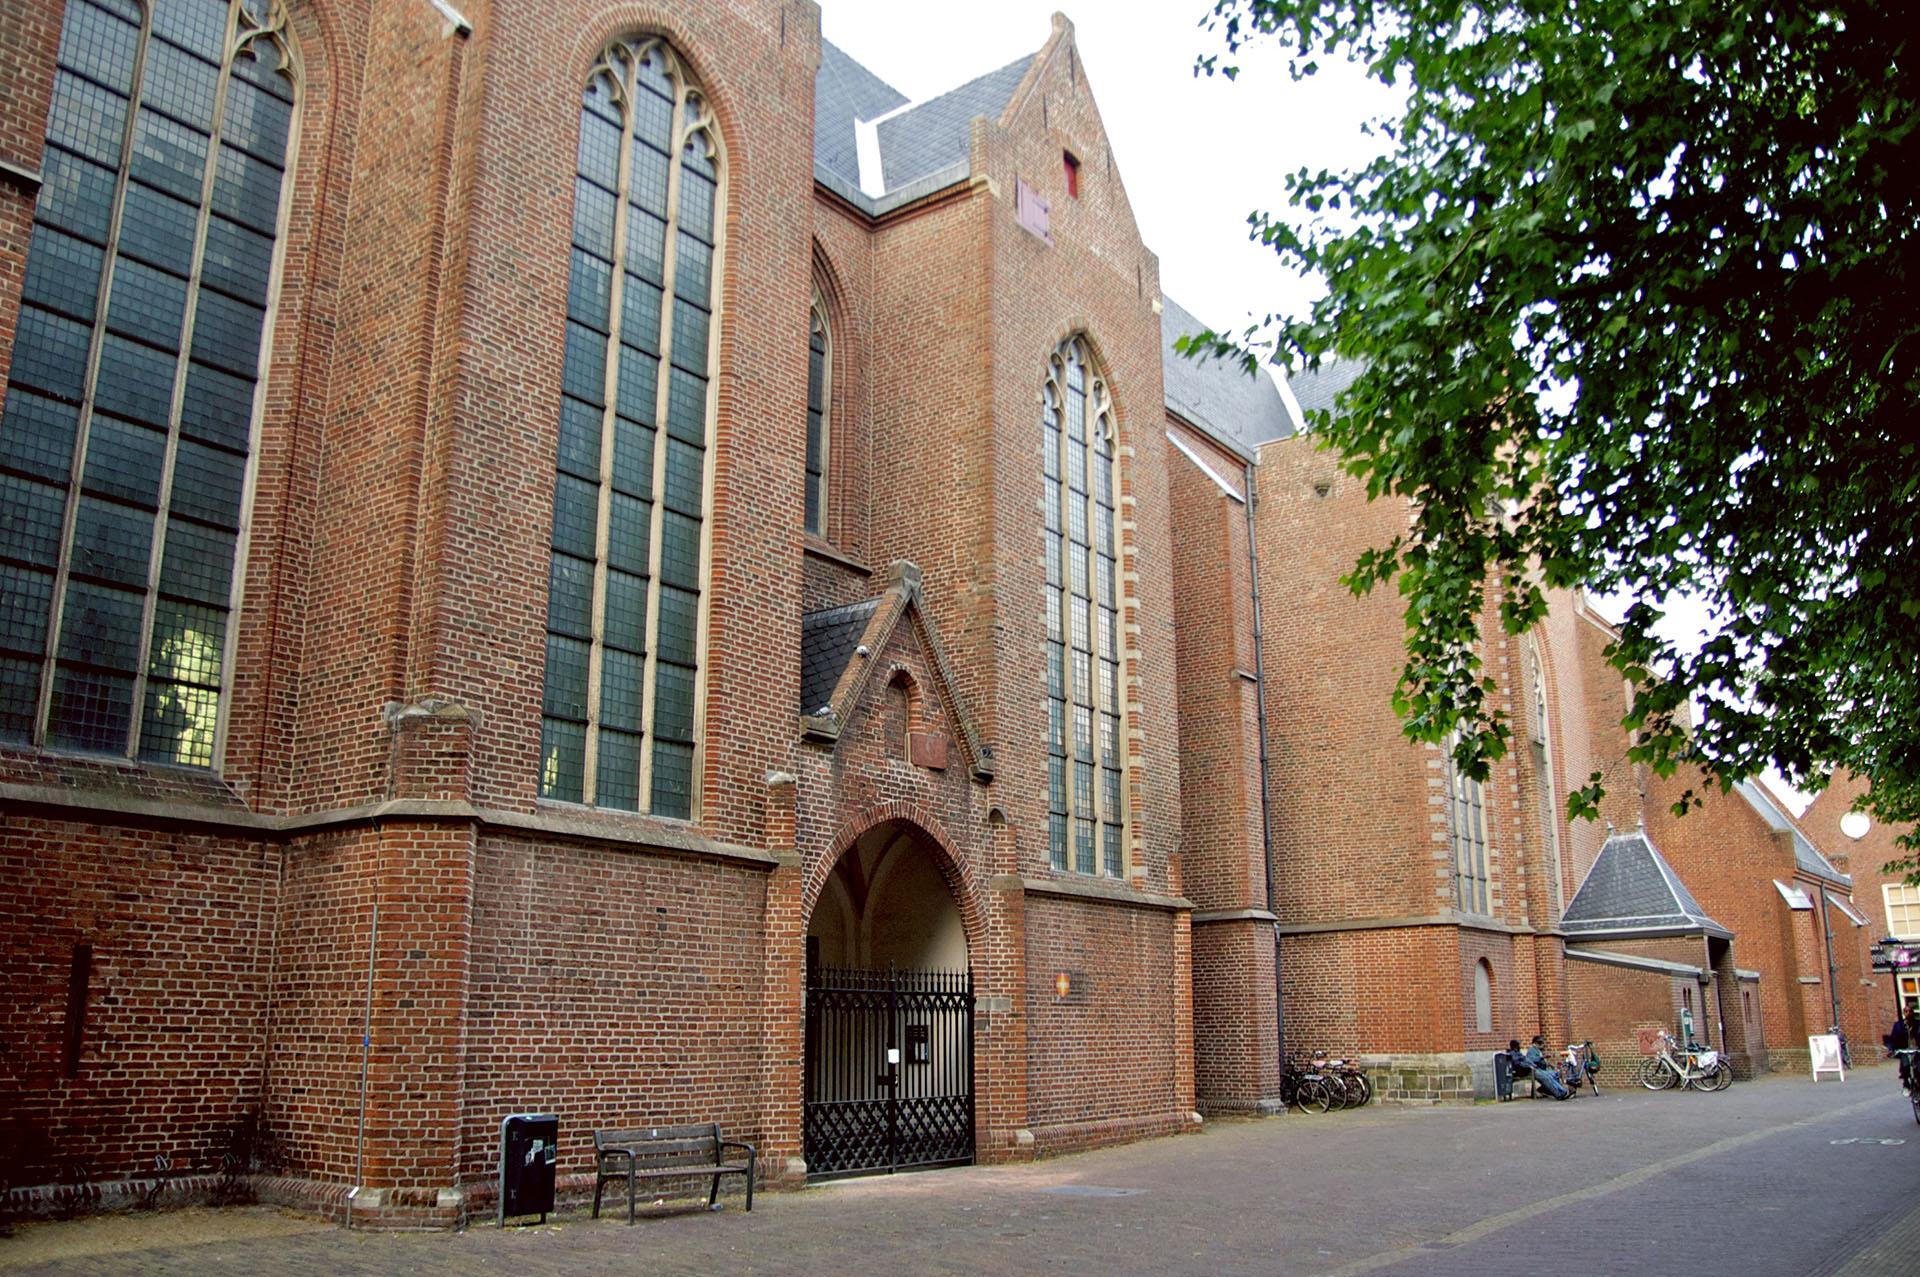 kerk-buiten2-1920